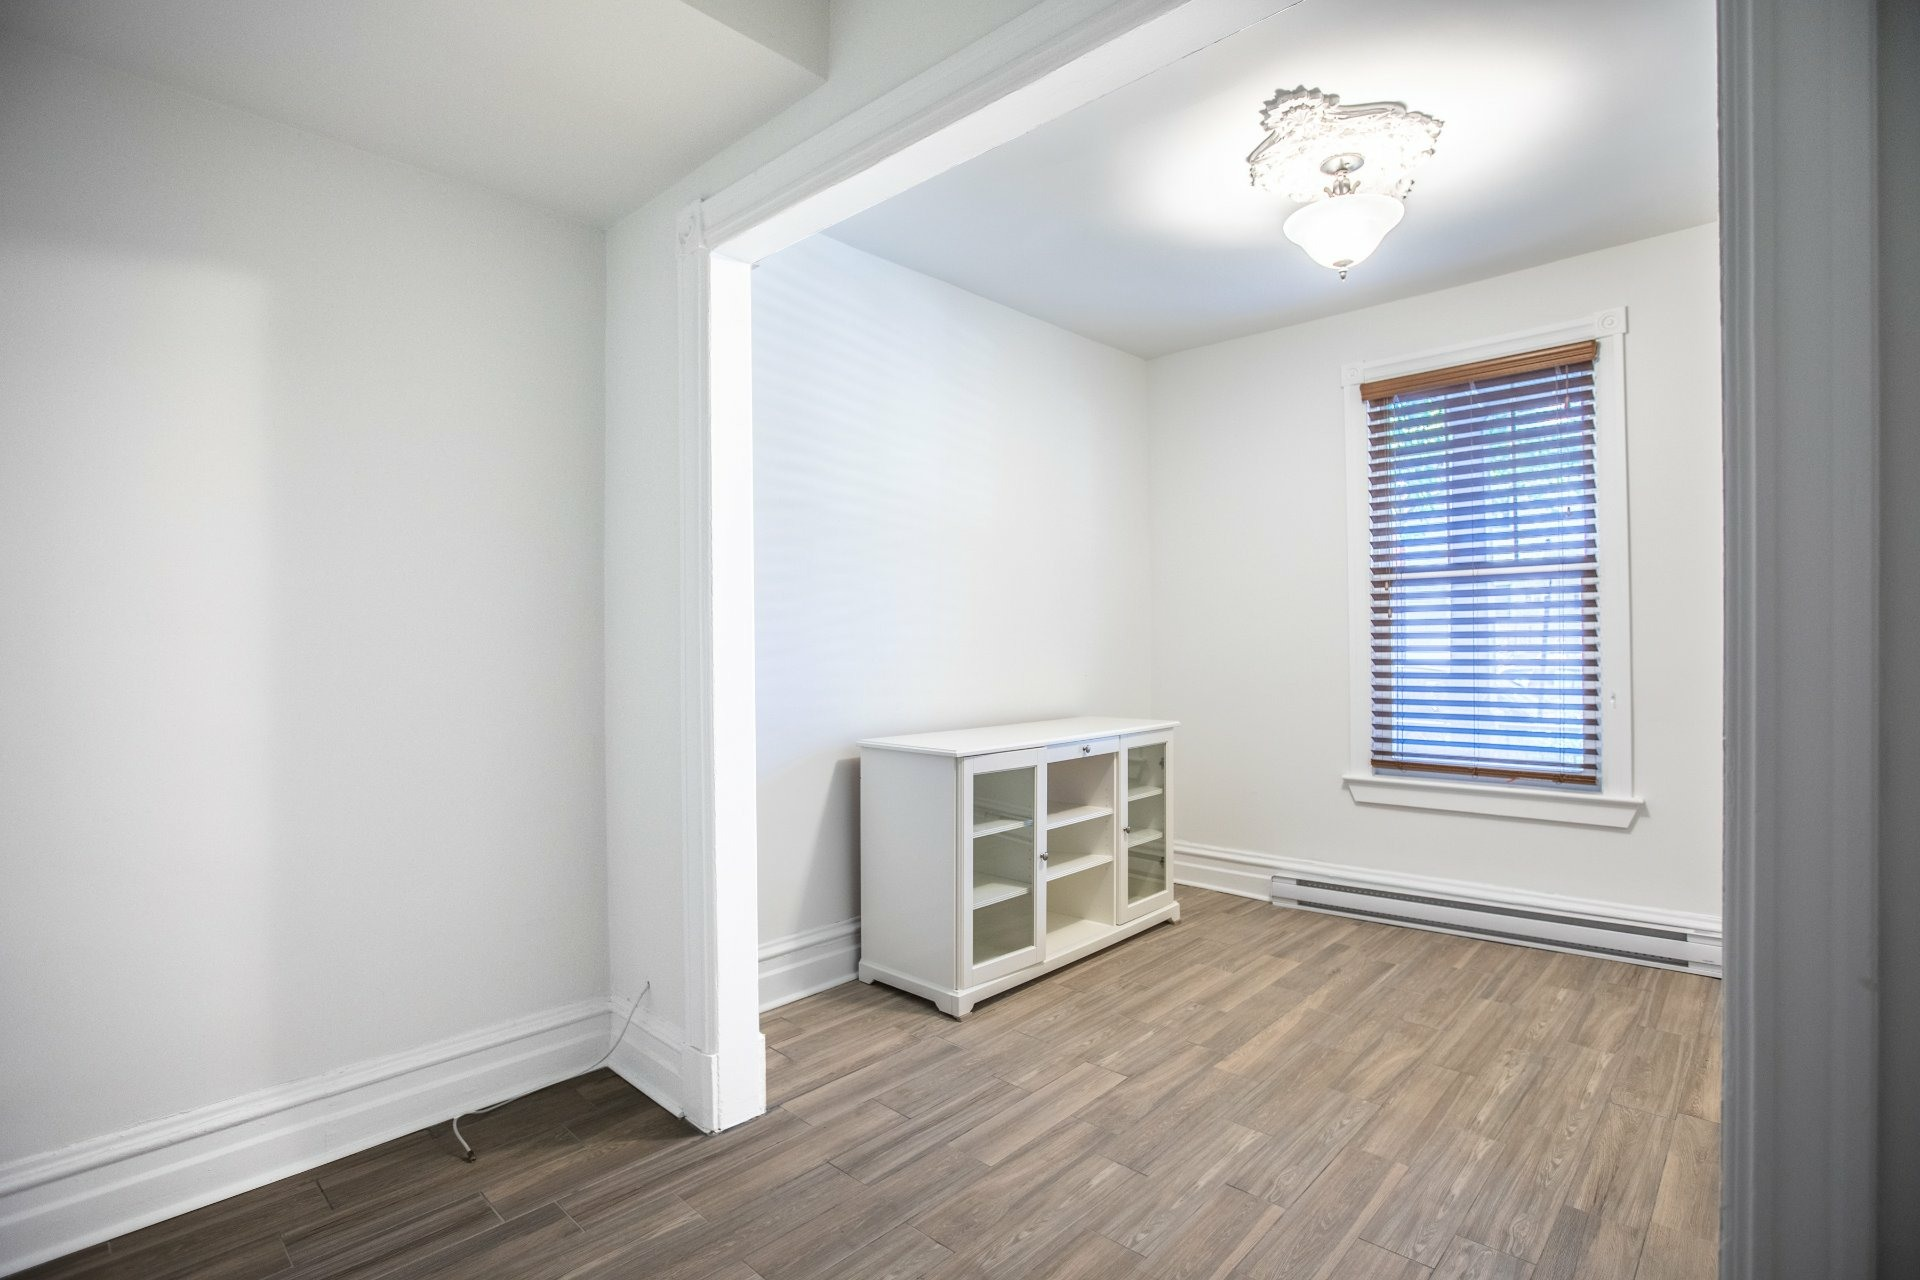 image 4 - Maison À vendre Montréal Rosemont/La Petite-Patrie  - 13 pièces